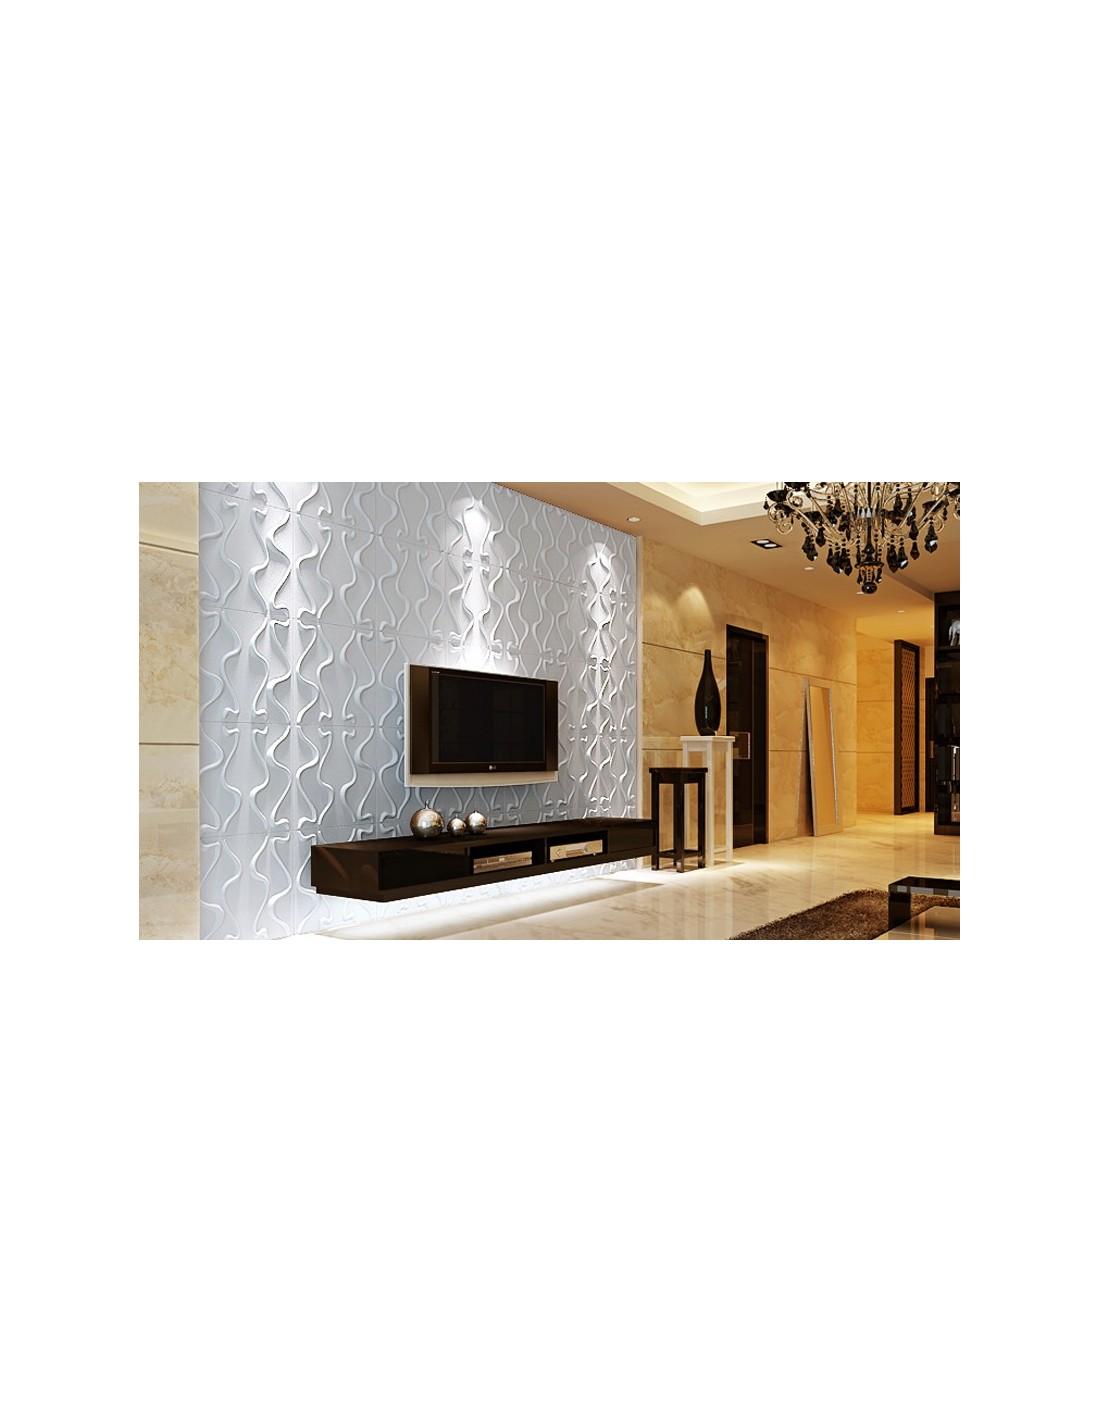 pannello 3d wall per decorazioni di pareti e soffitti mod